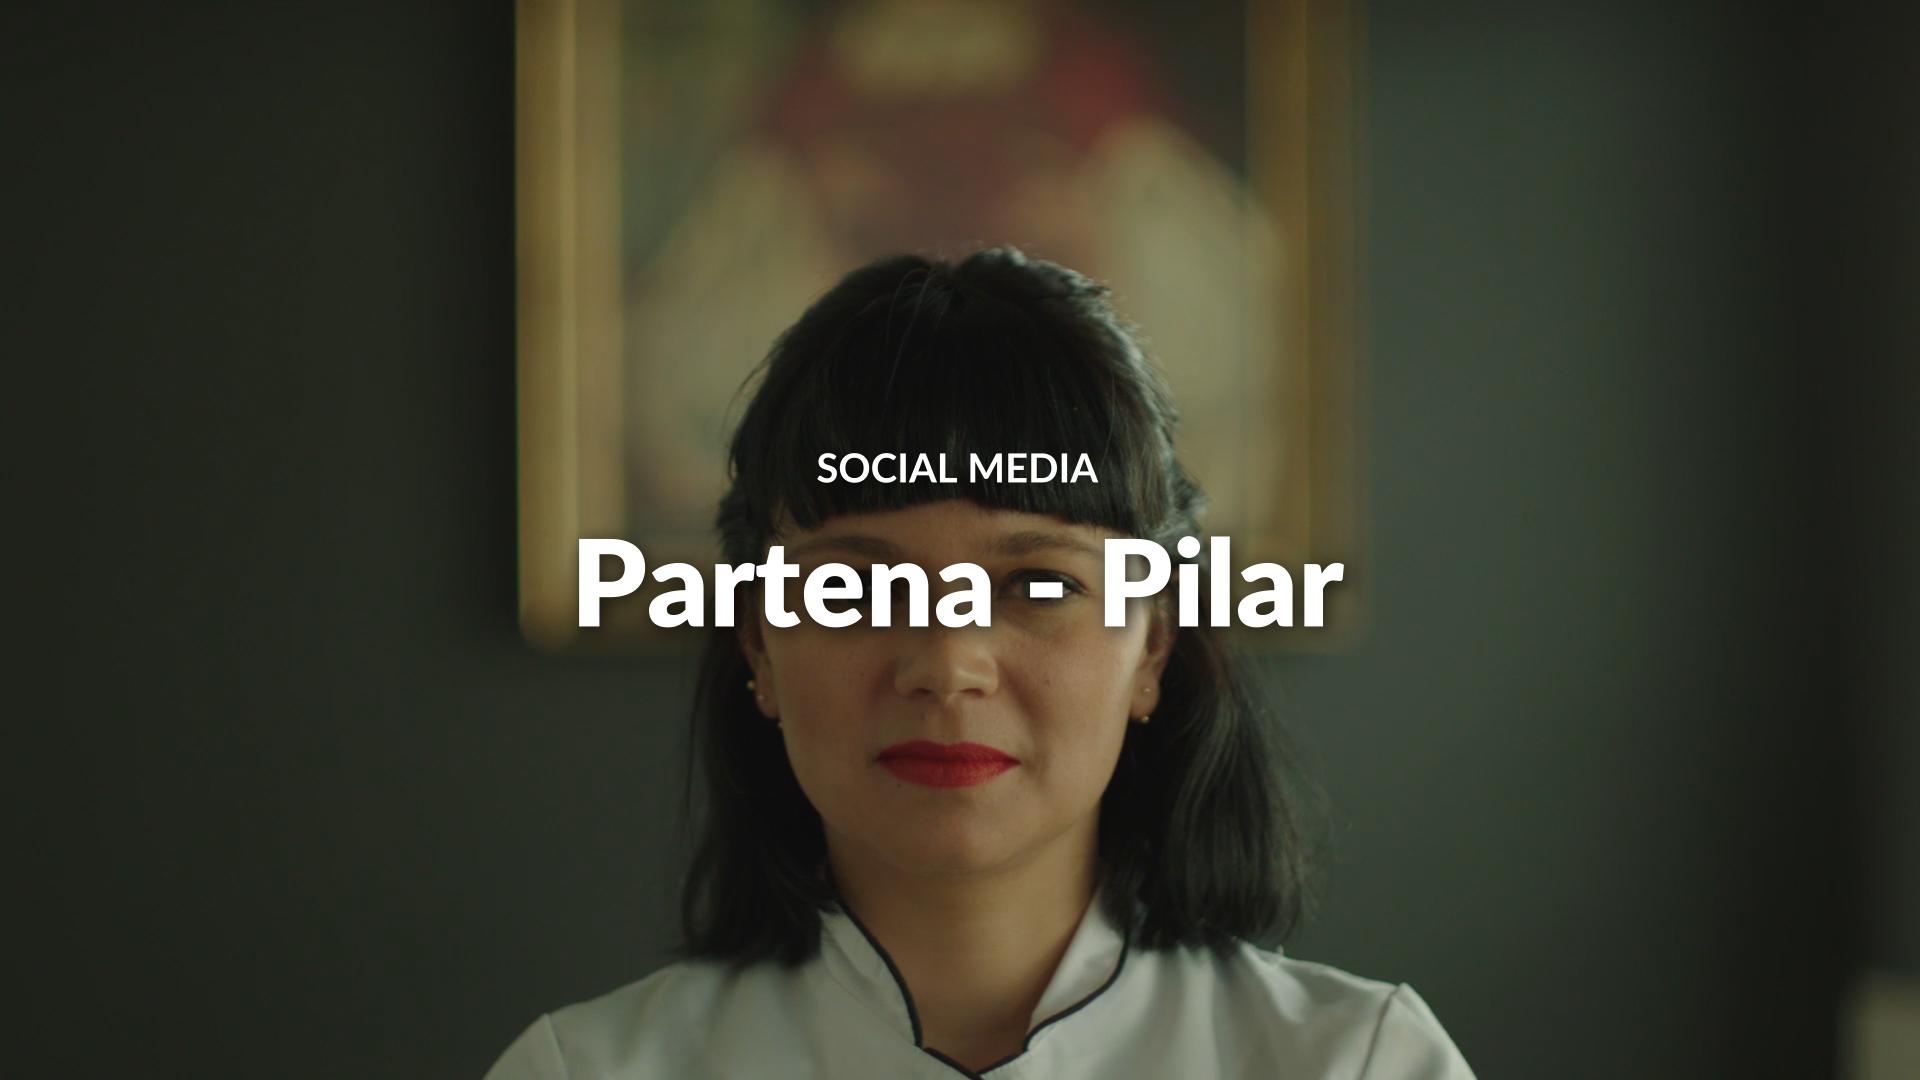 Partena - Repo_Pilar_00000.png